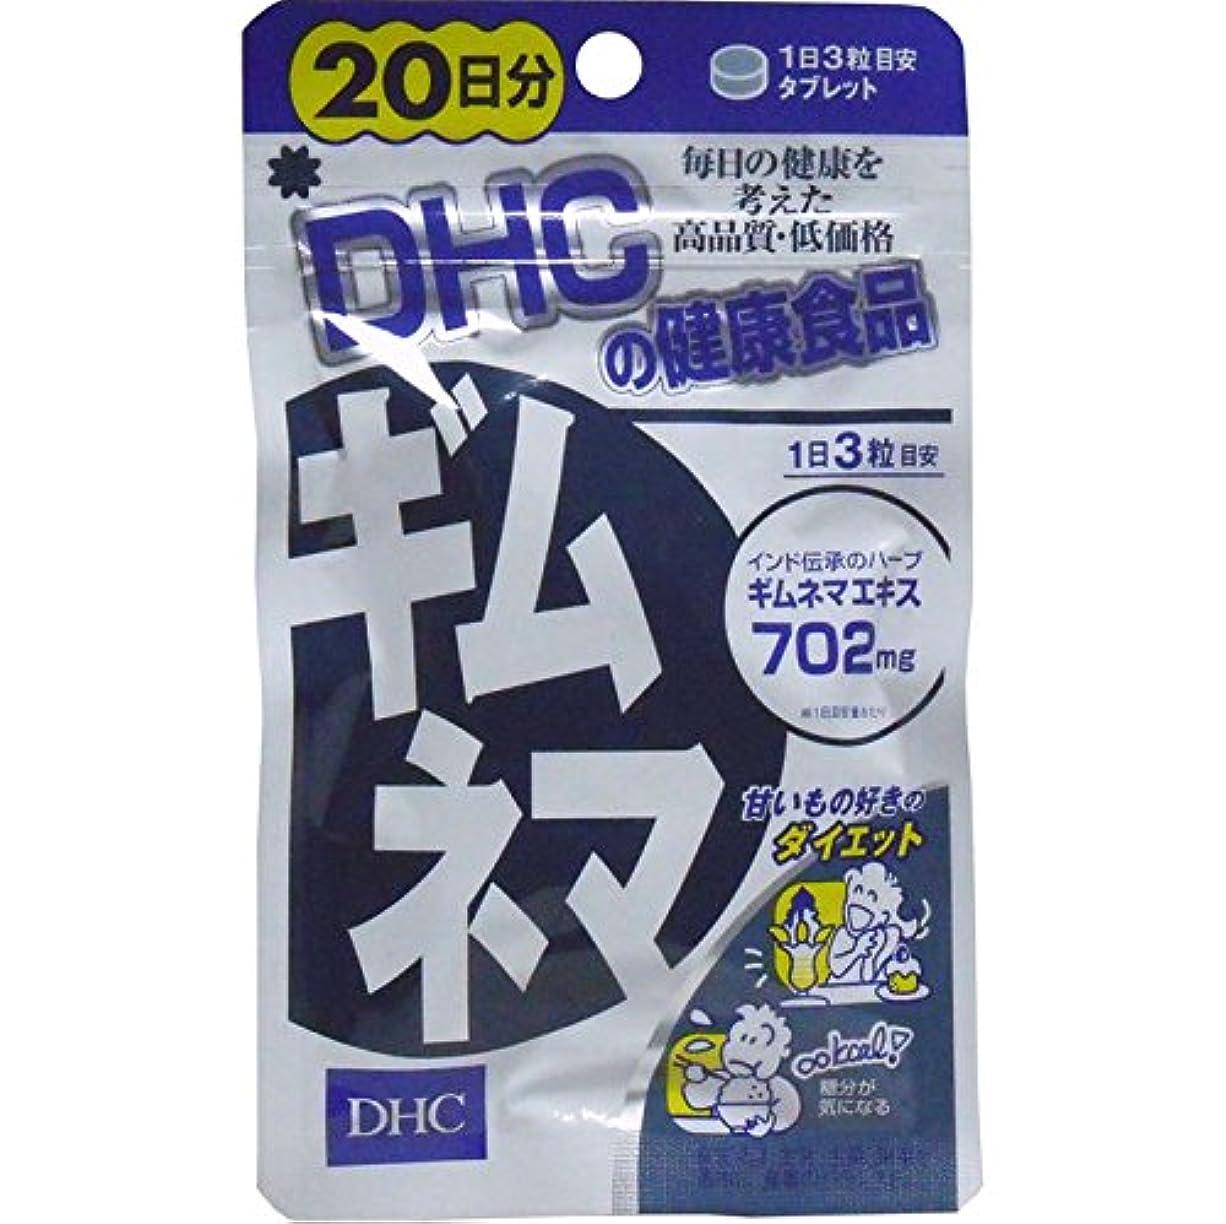 断線硫黄放映ダイエット 美容 健康 余分な糖分をブロック 便利 DHC ギムネマ 20日分 60粒【2個セット】